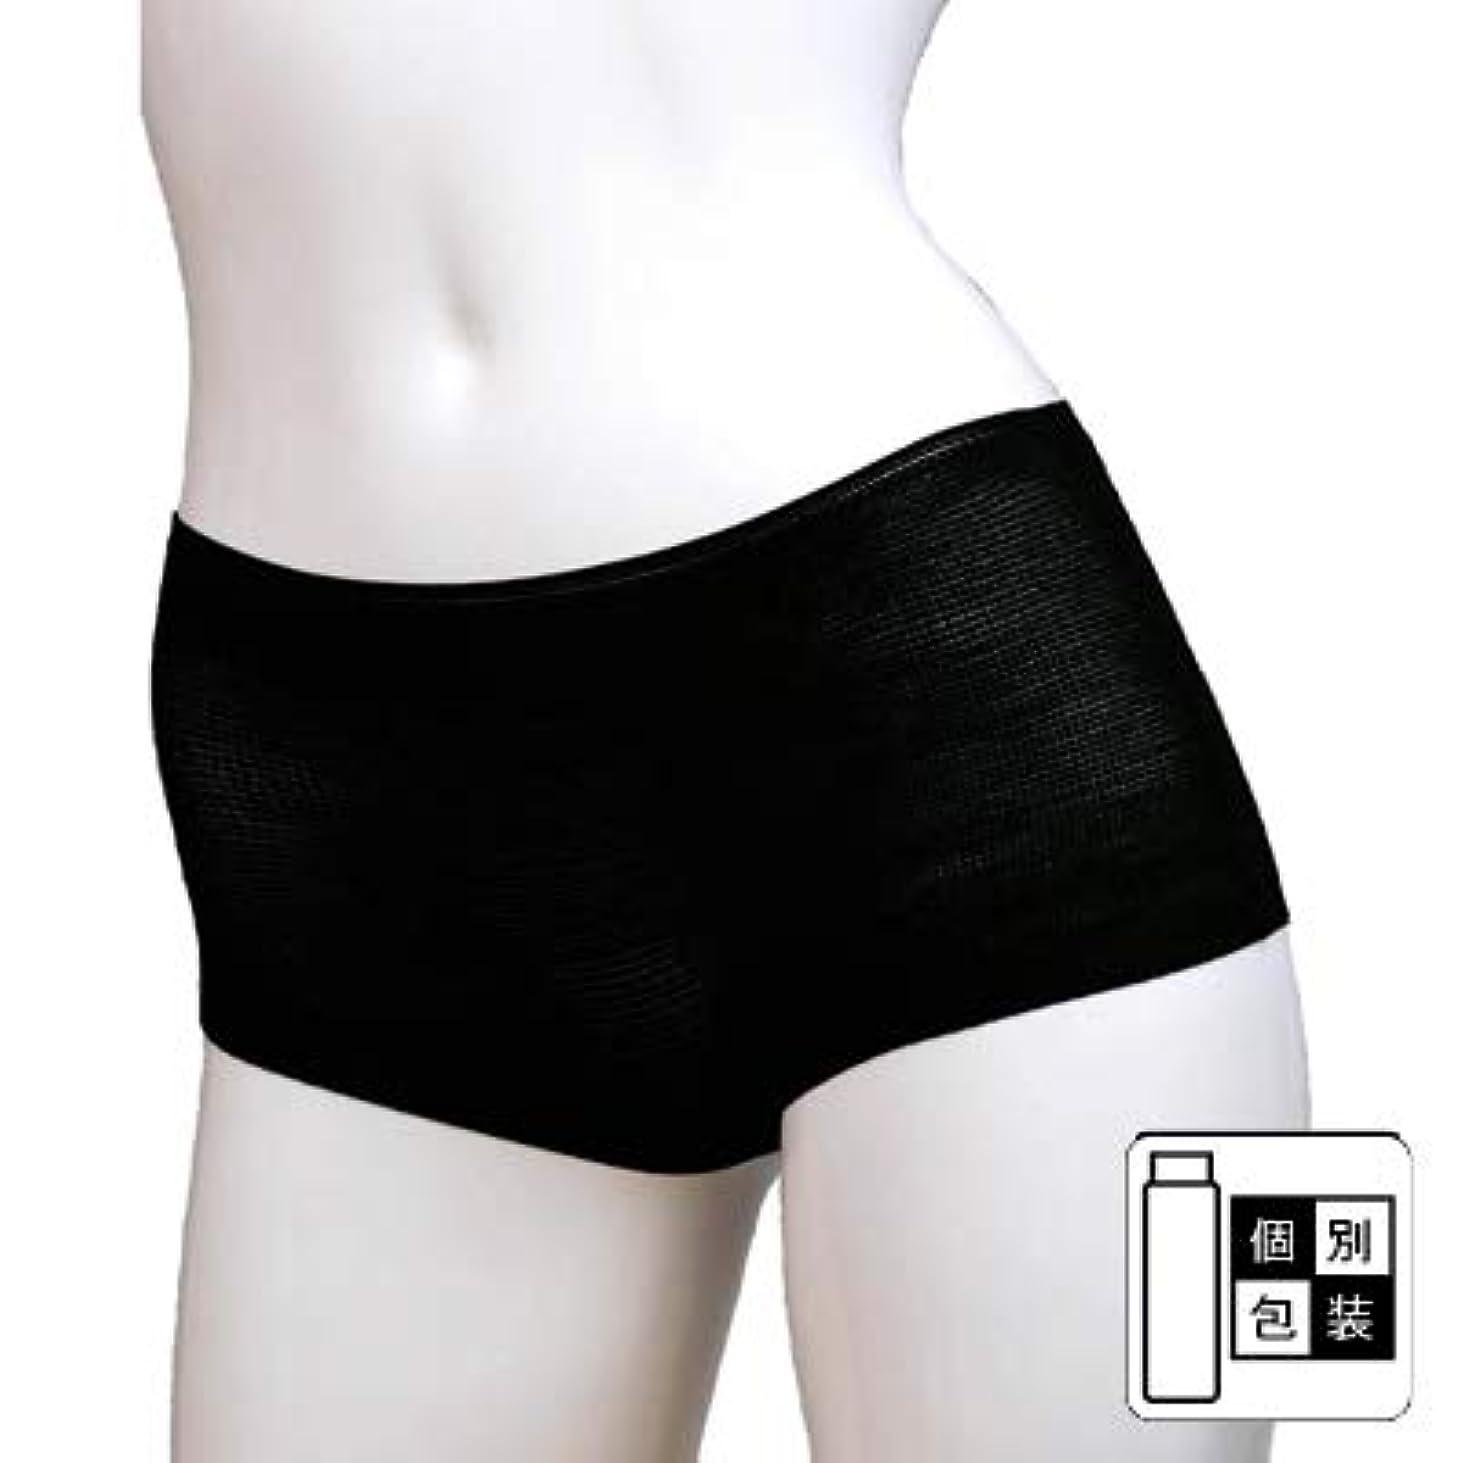 びっくりするミント思いやり(ロータス)LOTUS デラックス ショーツ XLサイズ ブラック(使い捨て ナイロン製 メッシュ加工 業務用)エステ 旅行 使い切り下着 ブラック